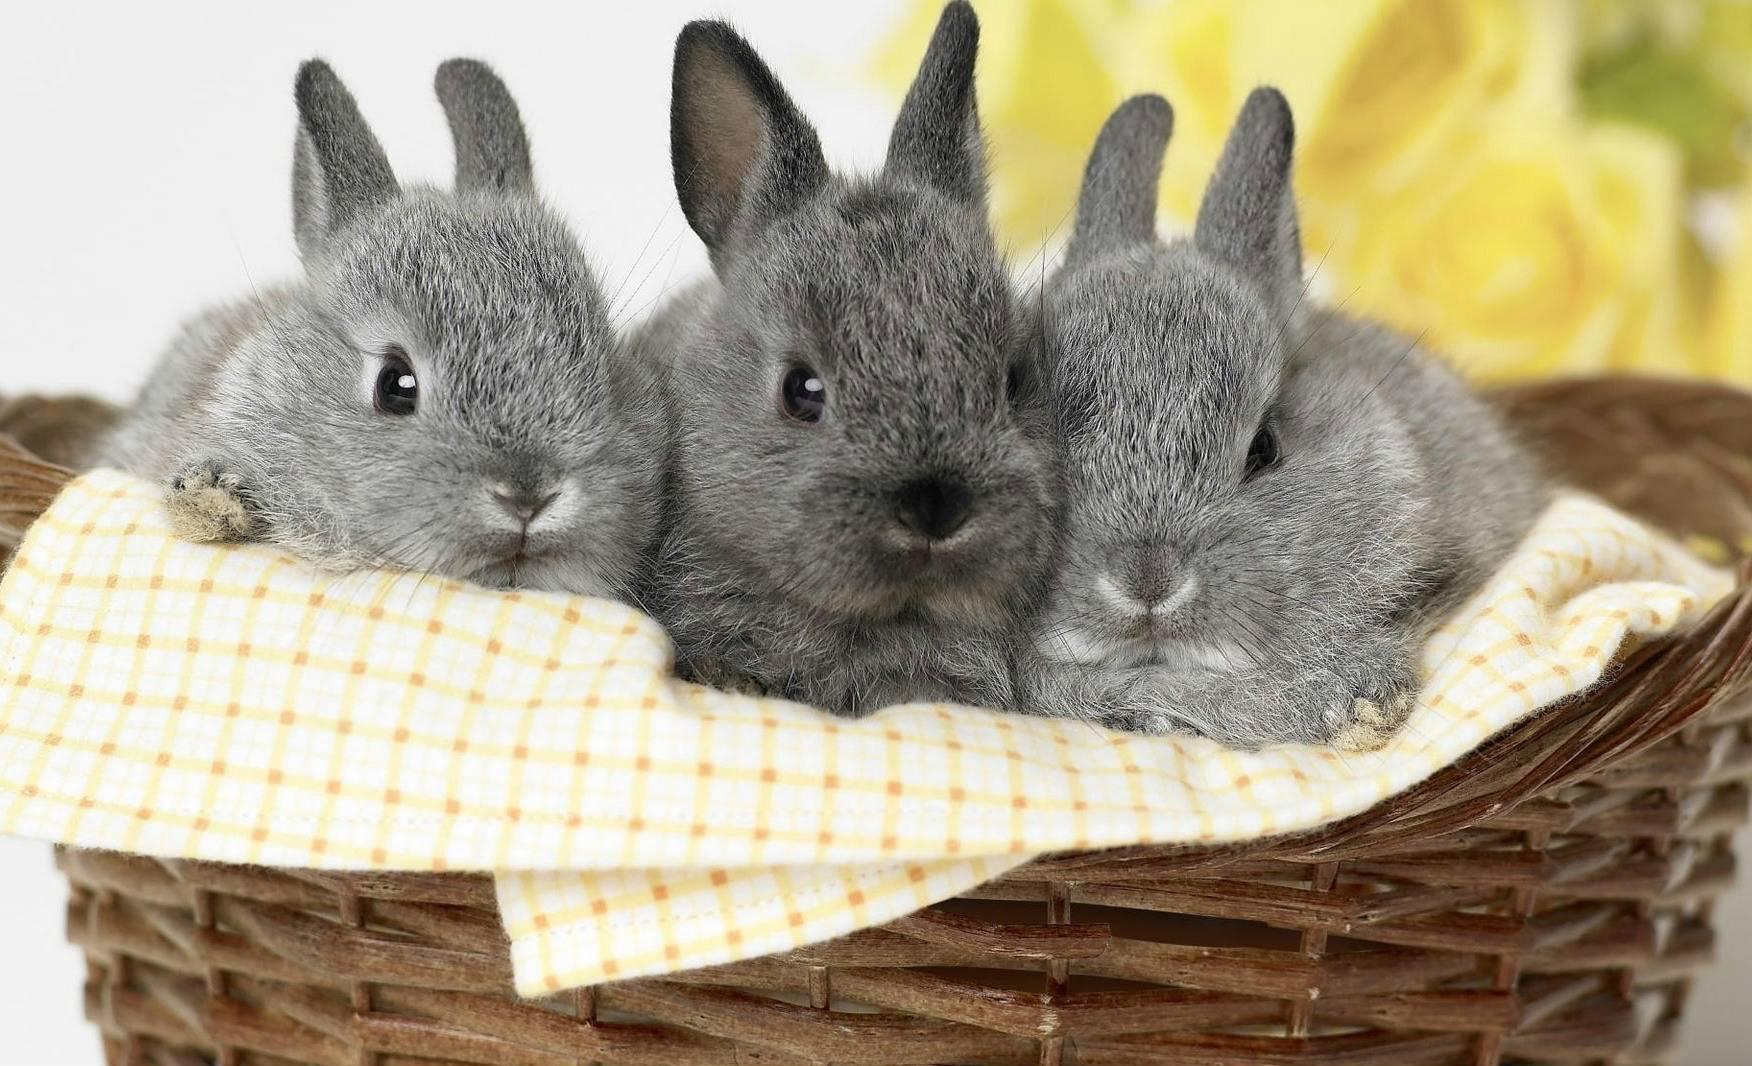 Разведение кроликов: открытие бизнеса по торговле мясом